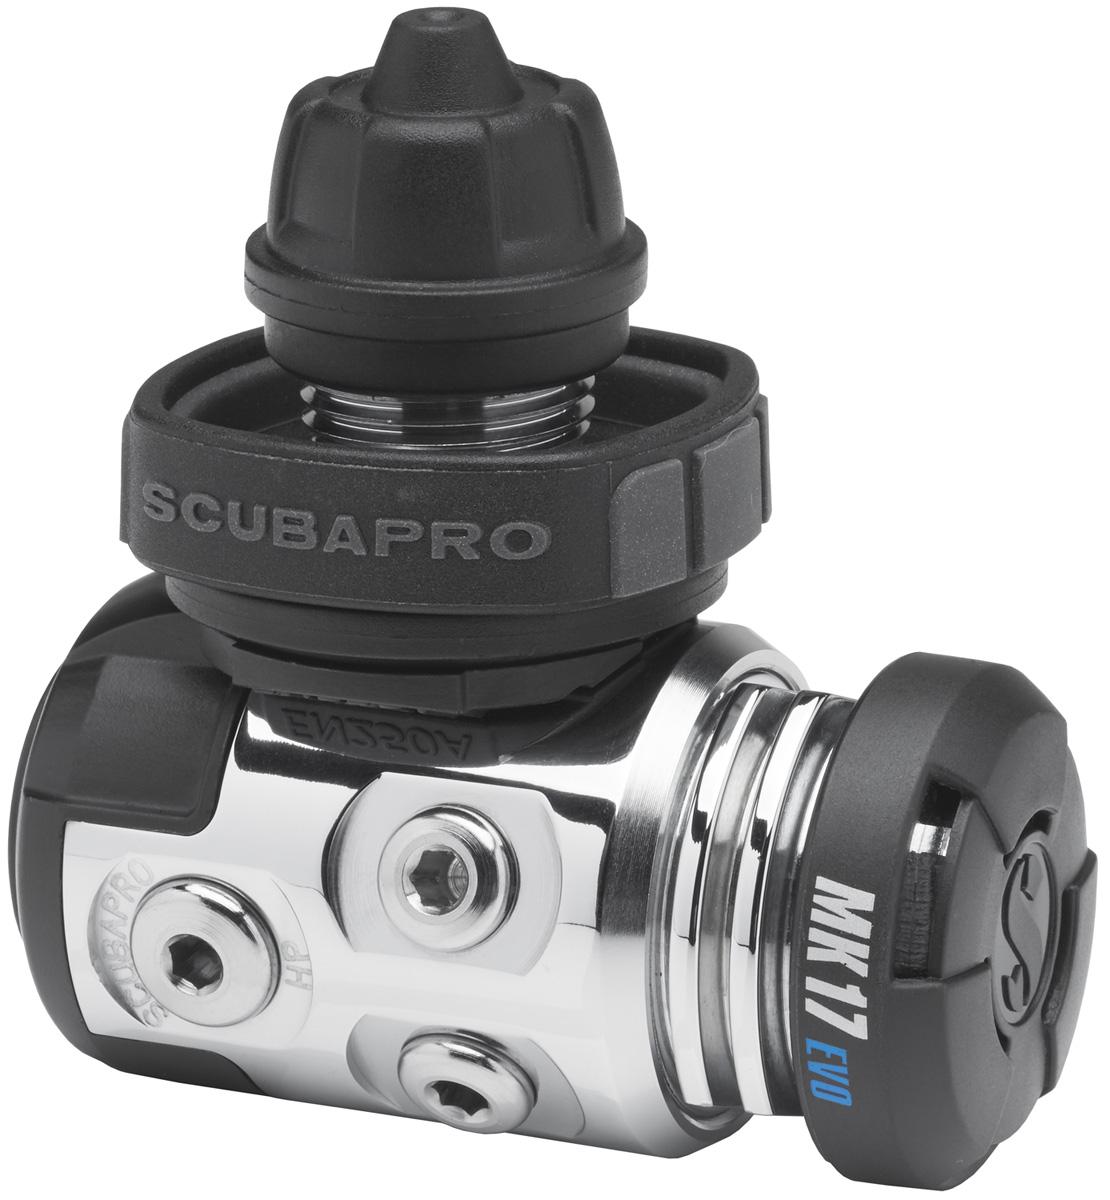 Scubapro MK17 mit A700 und R195 Octo